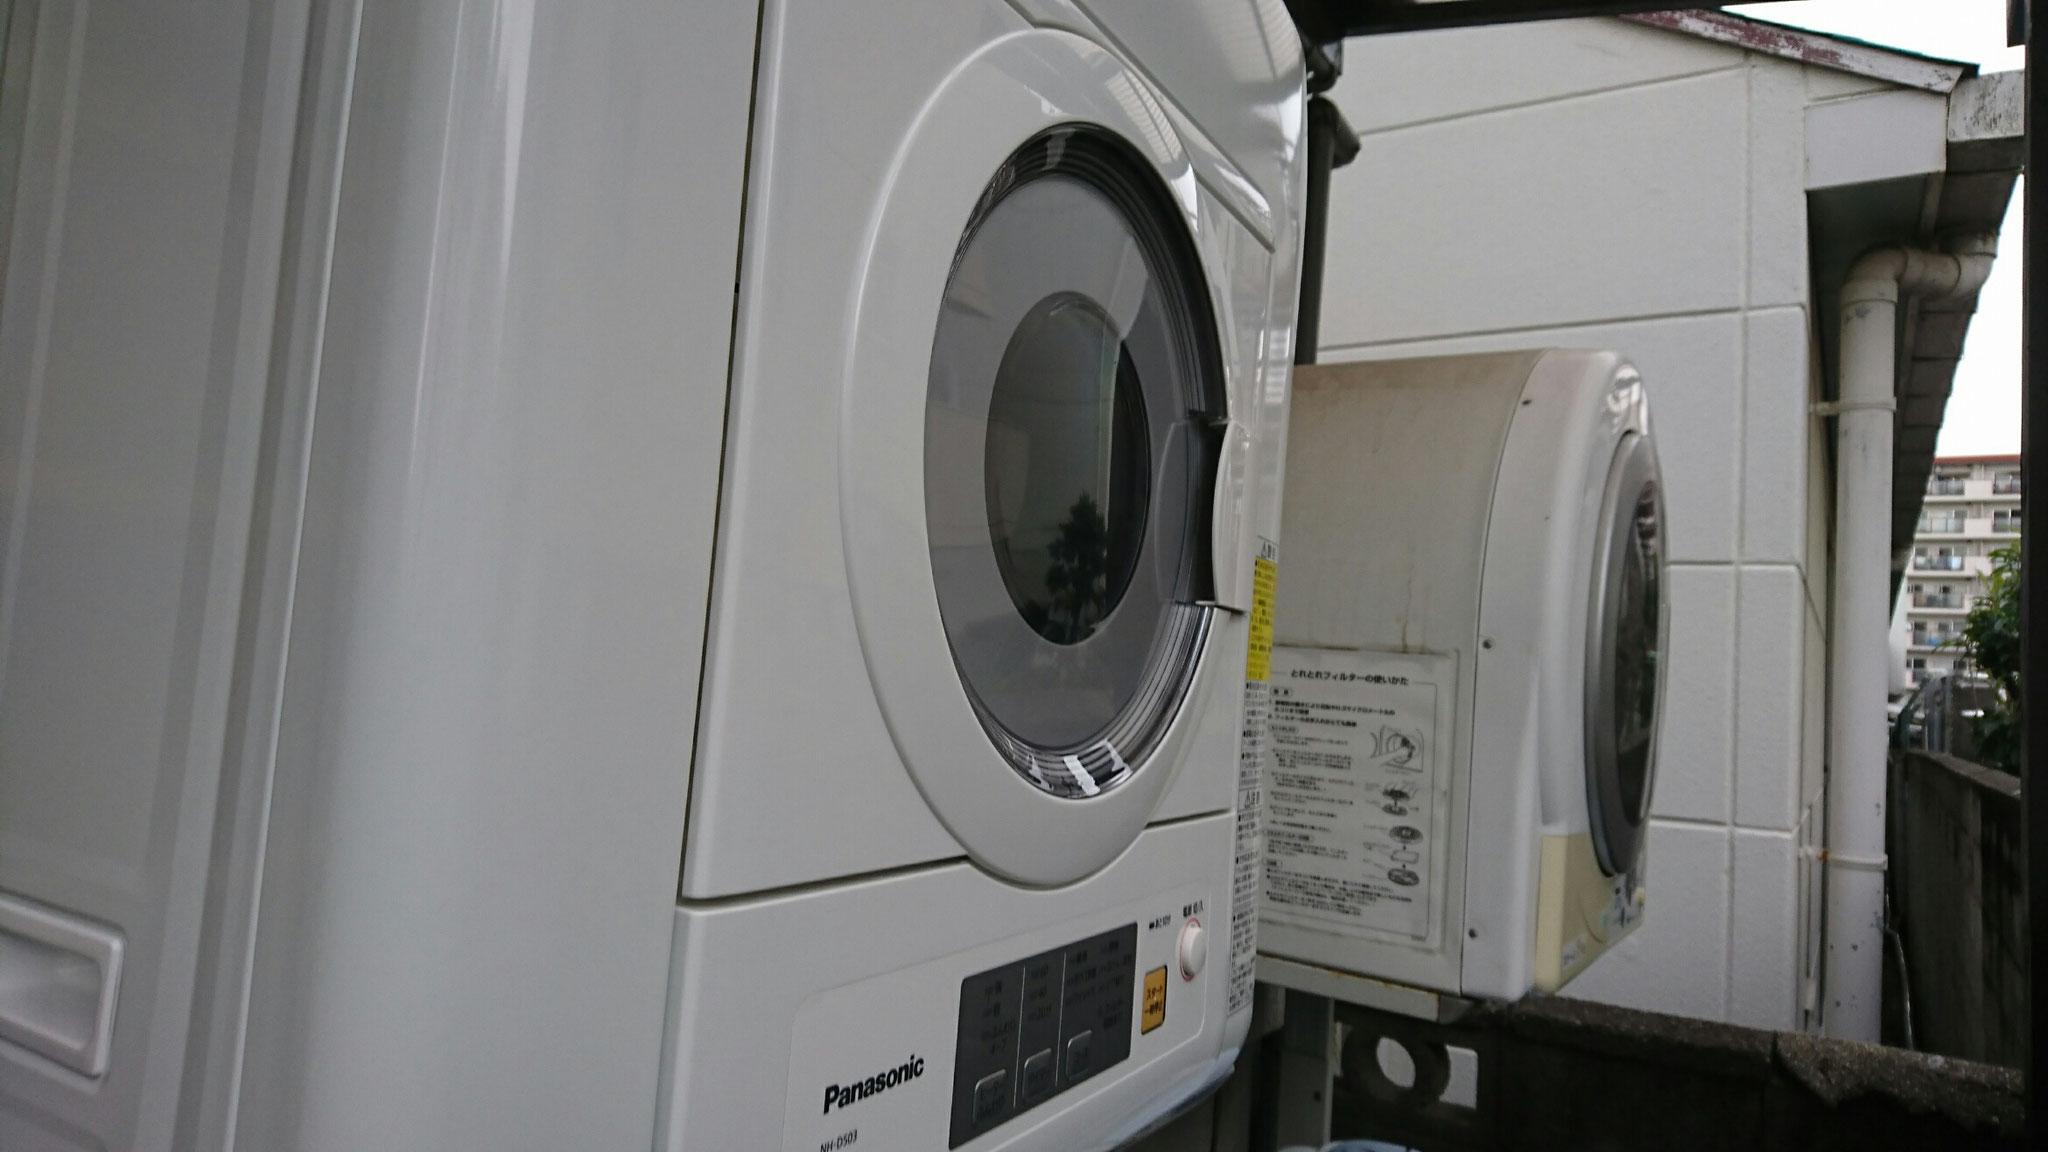 2018.1 衣類乾燥機の交換